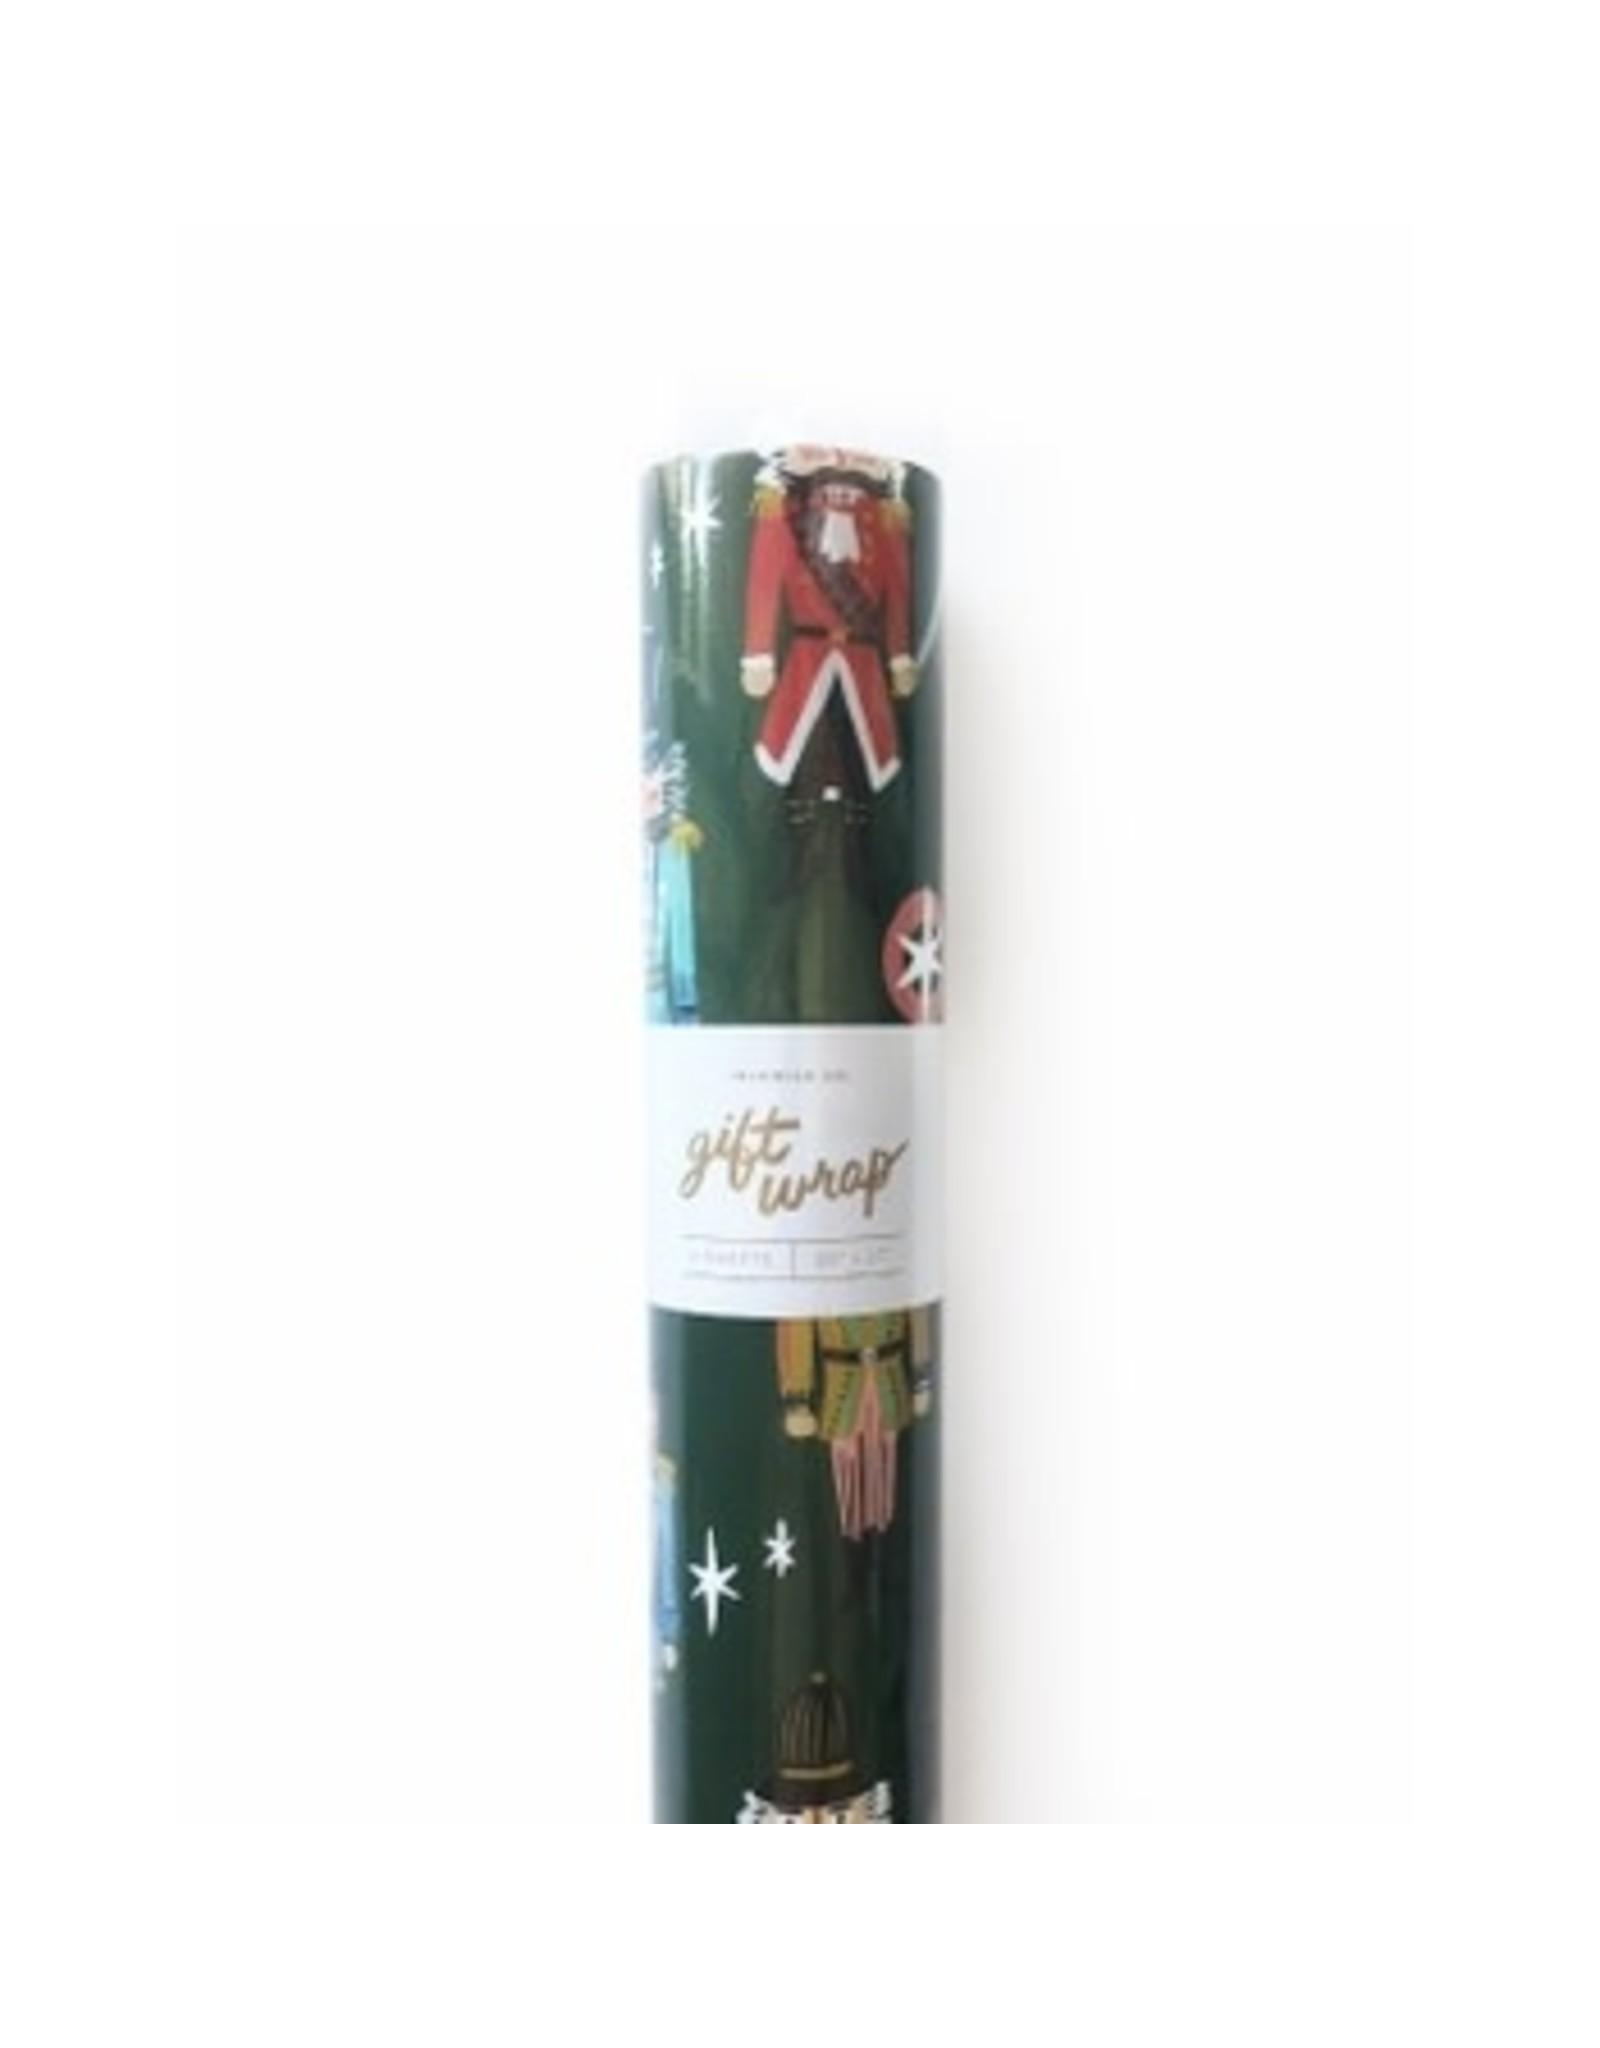 Nutcracker Gift Wrap - Roll of 3